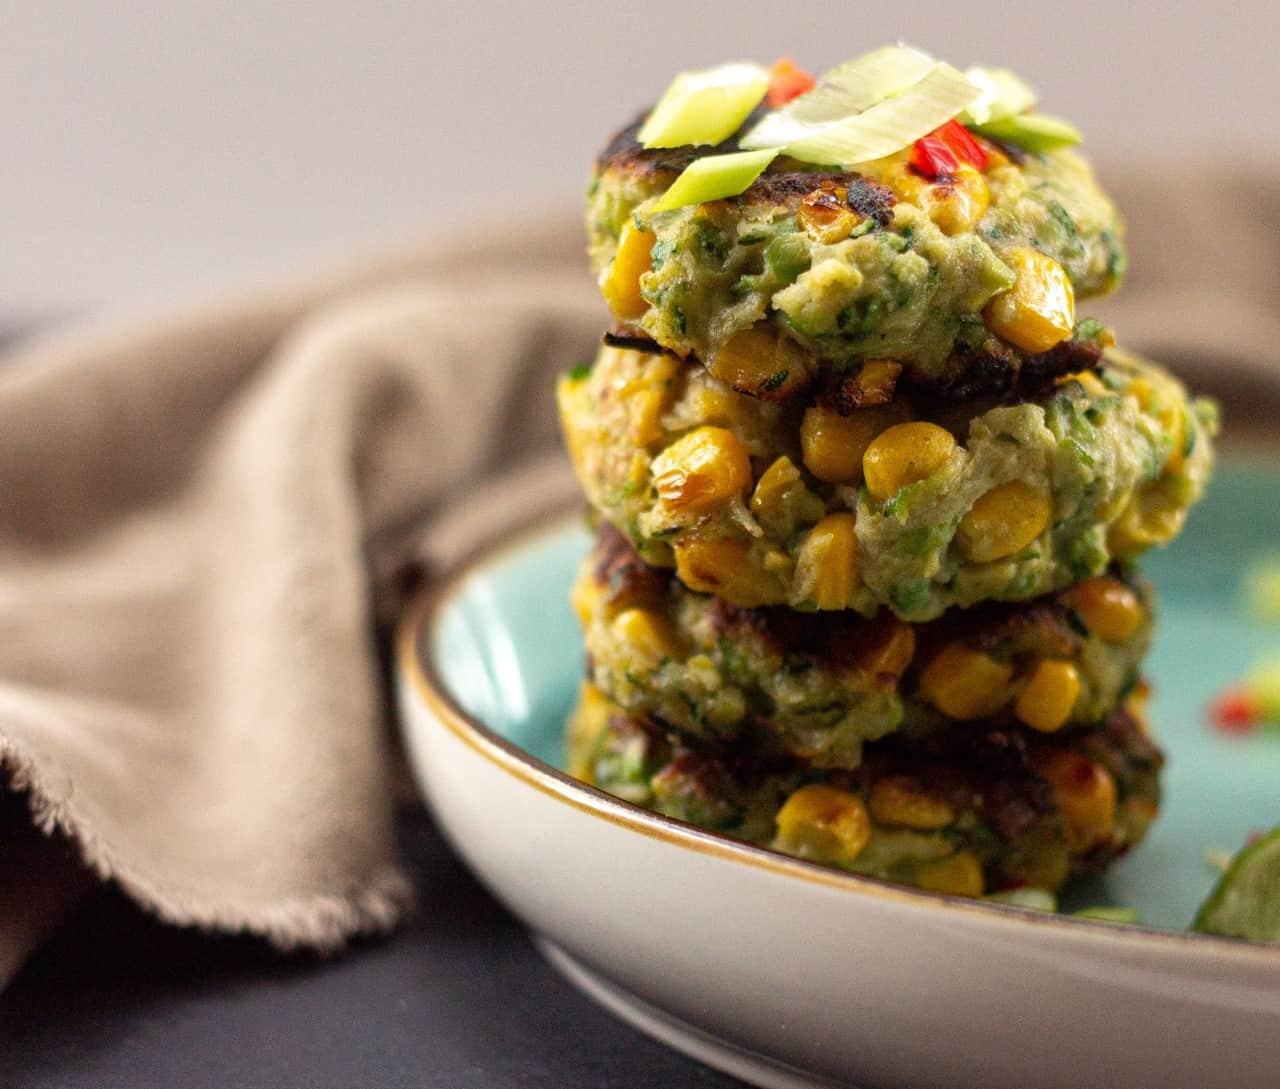 How to Make Vegan Zucchini Corn Fritters